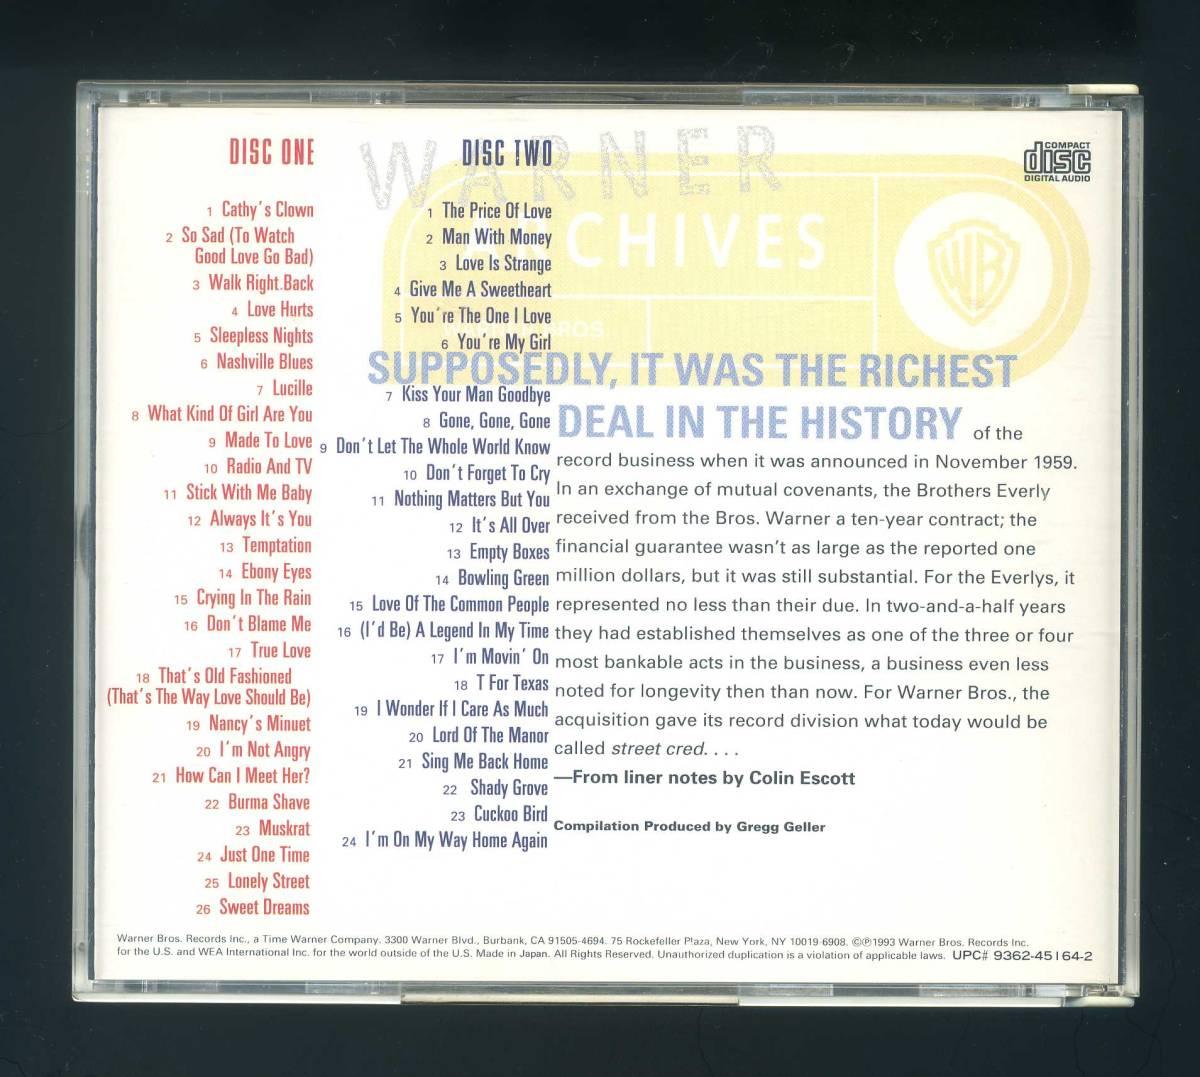 ★即決!2枚組 エヴァリー・ブラザーズ ビートルズ、サイモン&ガーファンクル、大滝詠一、山下達郎等も敬愛するデュオEVERLY BROTHERS_★全盛期60年代ワーナー時代のベスト盤